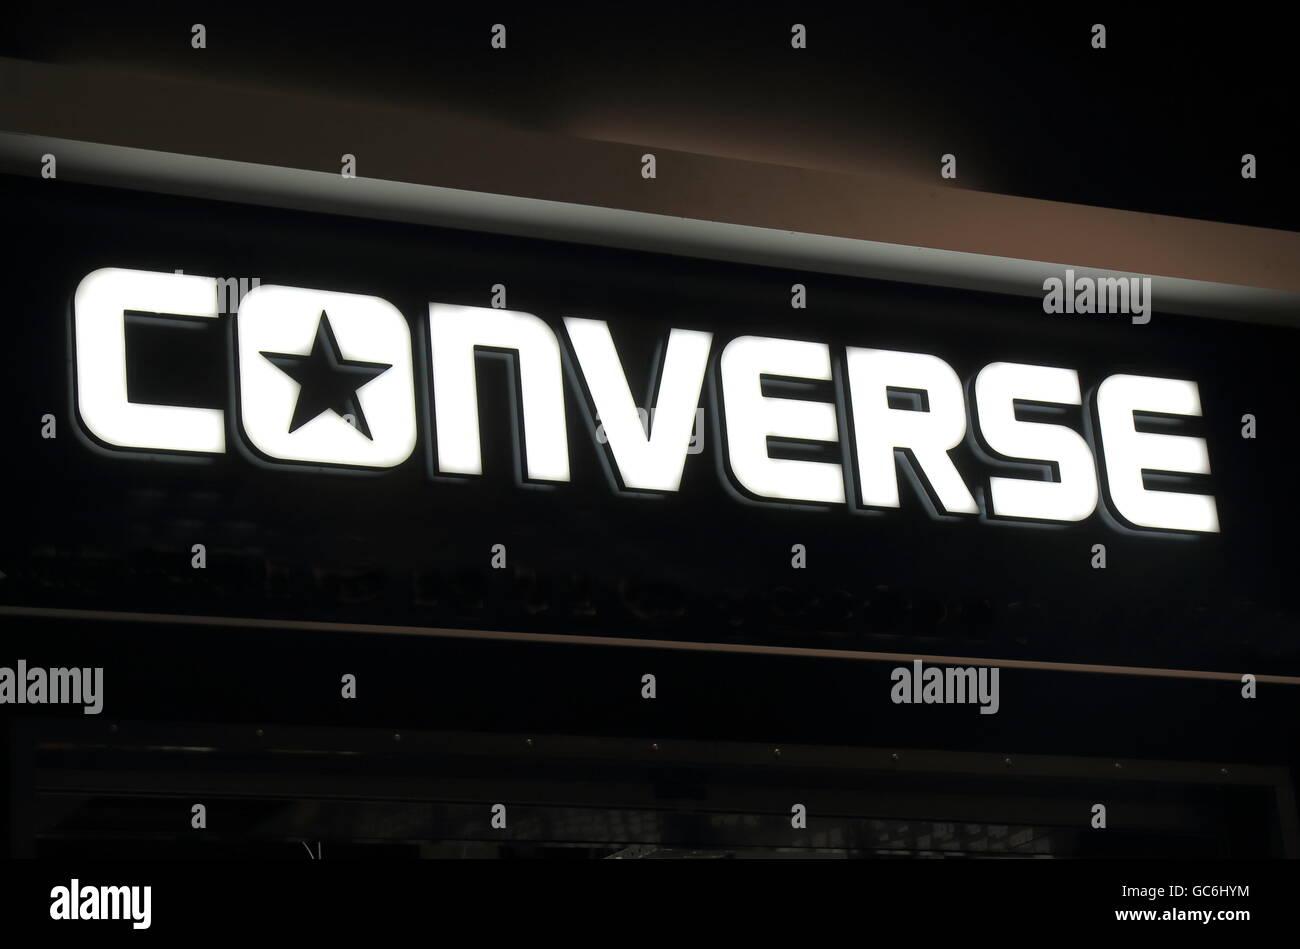 Converse shoe company - Stock Image